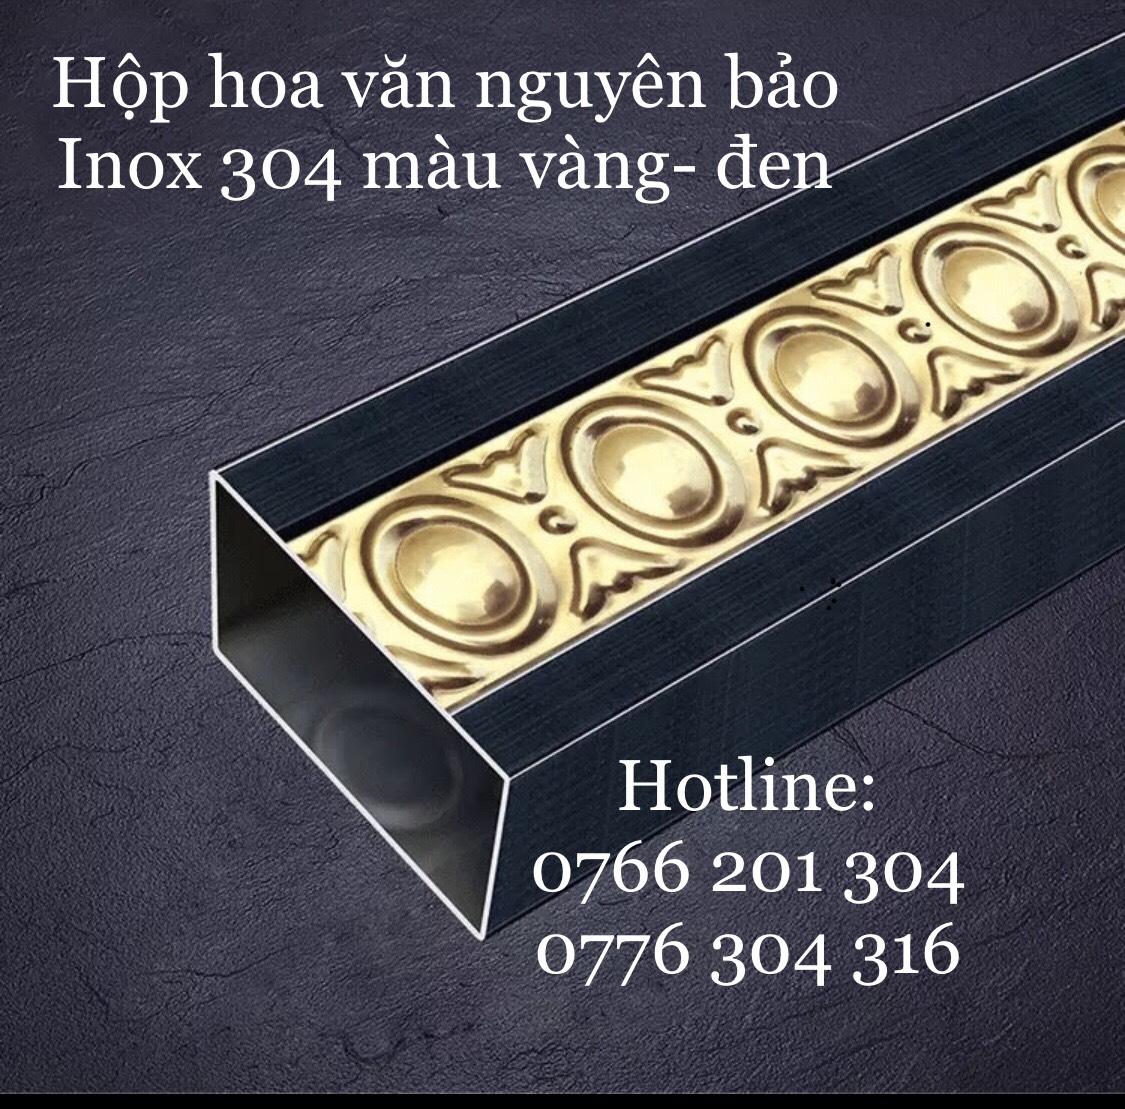 Inox 304 Màu Vàng - Đen